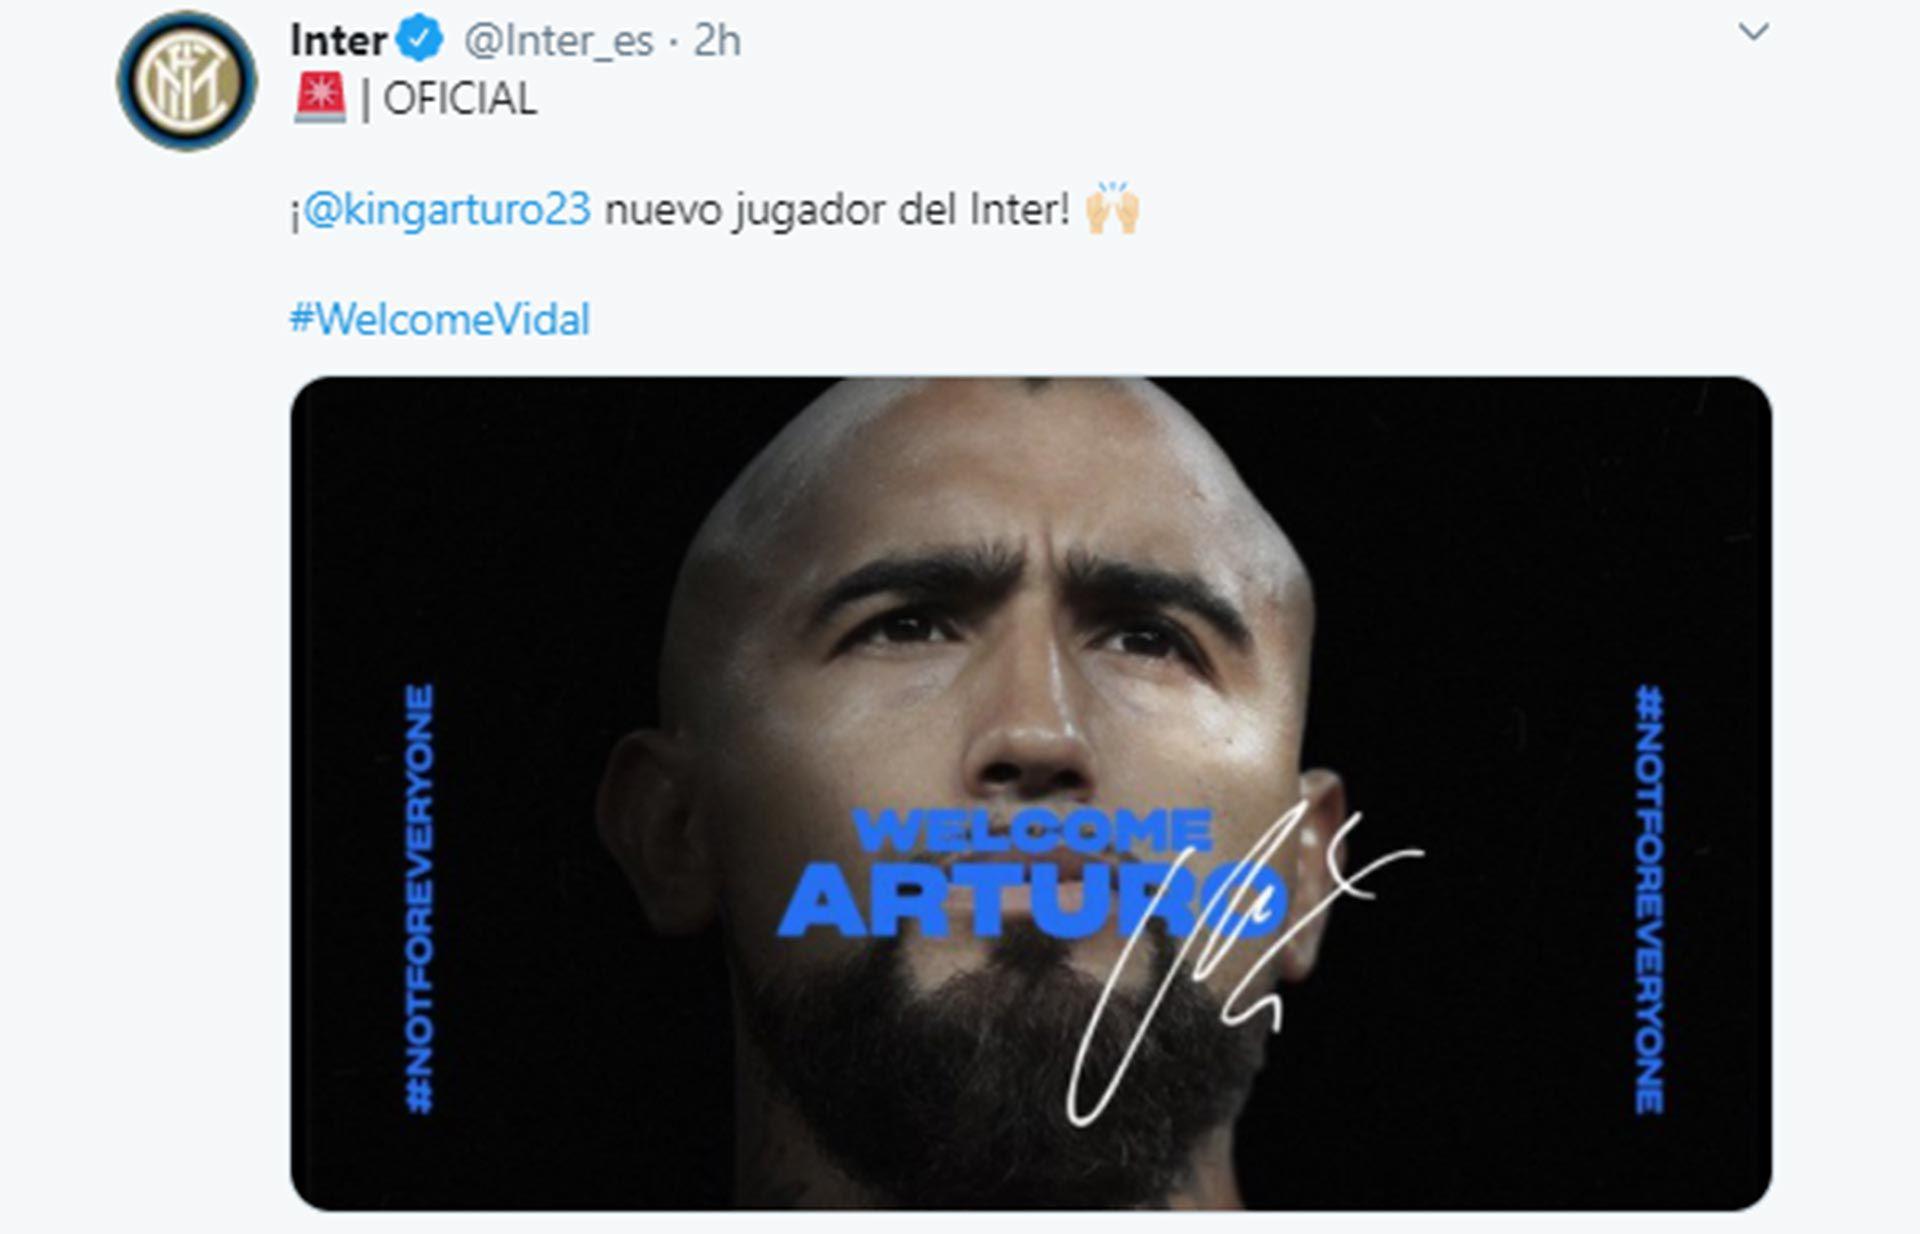 ARTURO VIDAL AL INTER